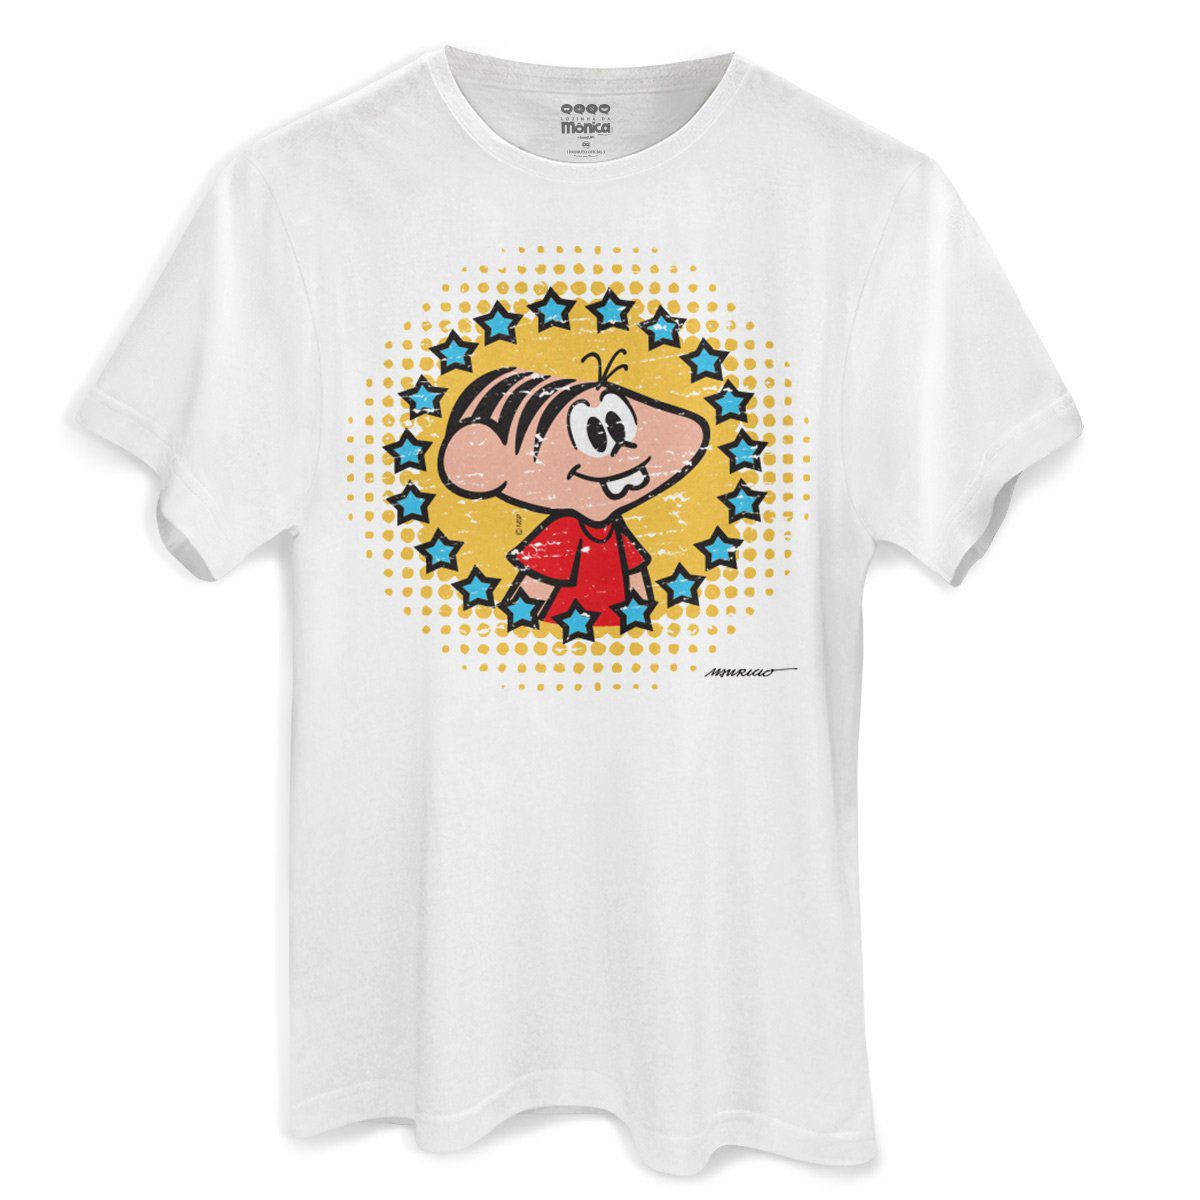 Camiseta Masculina Turma da Mônica 50 Anos Evolução Modelo 5